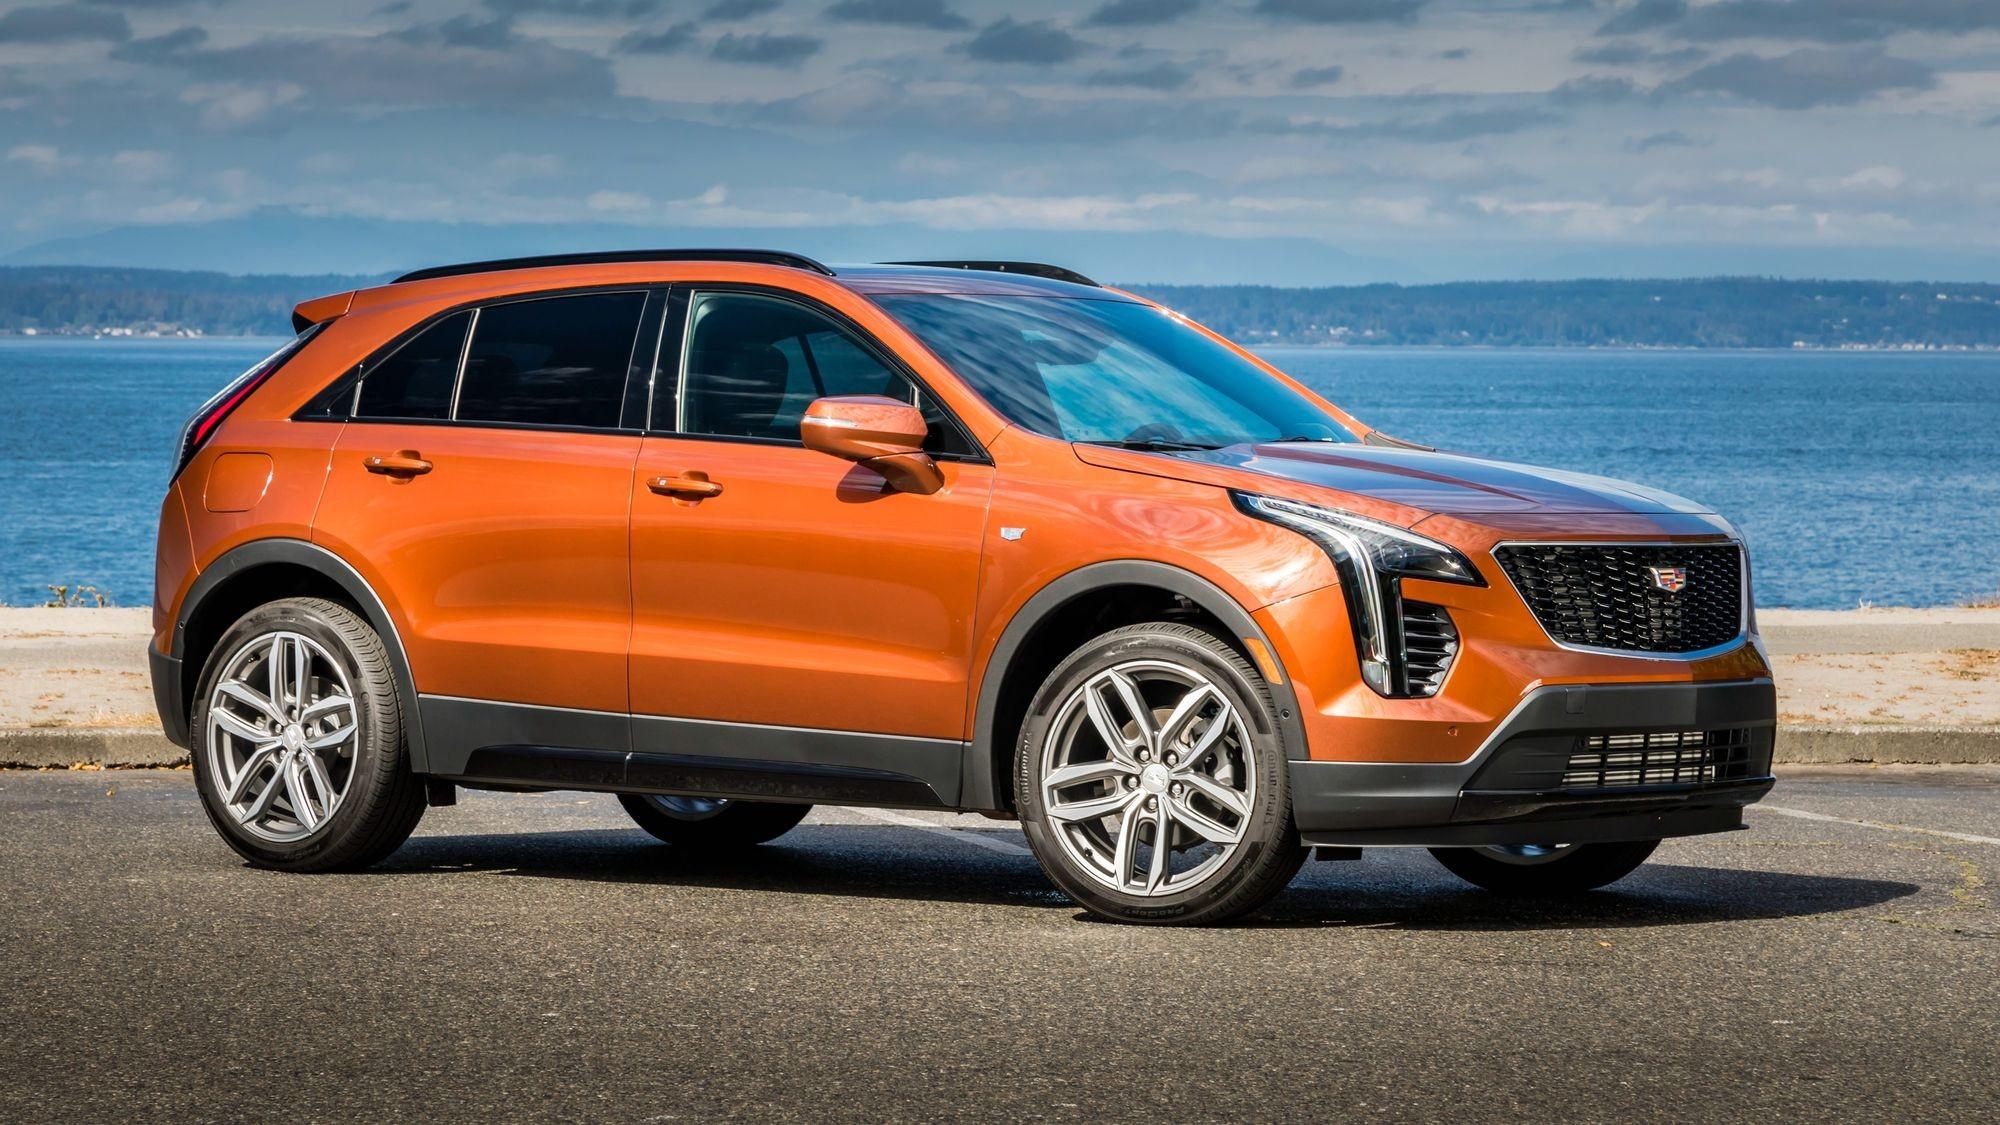 Cadillac в РФ: седанов больше не будет, но кроссоверы должны удвоить продажи